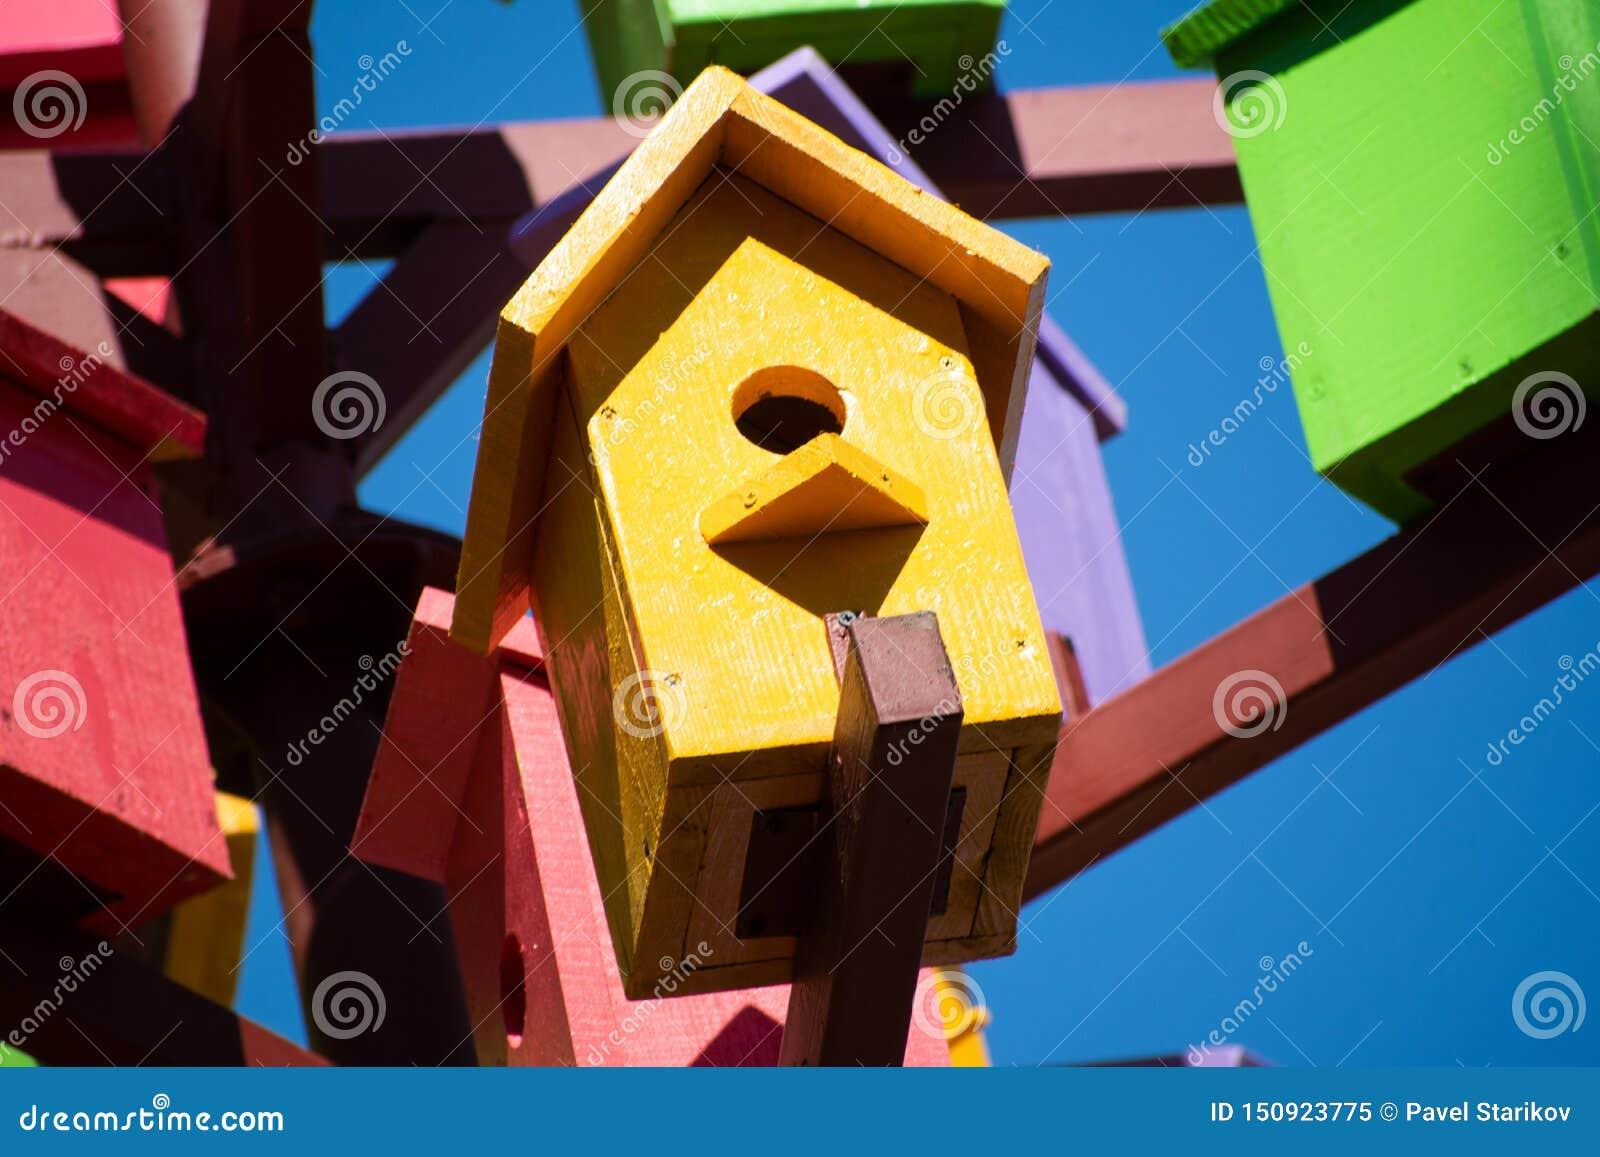 Un roitelet de maison minuscule fait une pause en dehors de sa maison